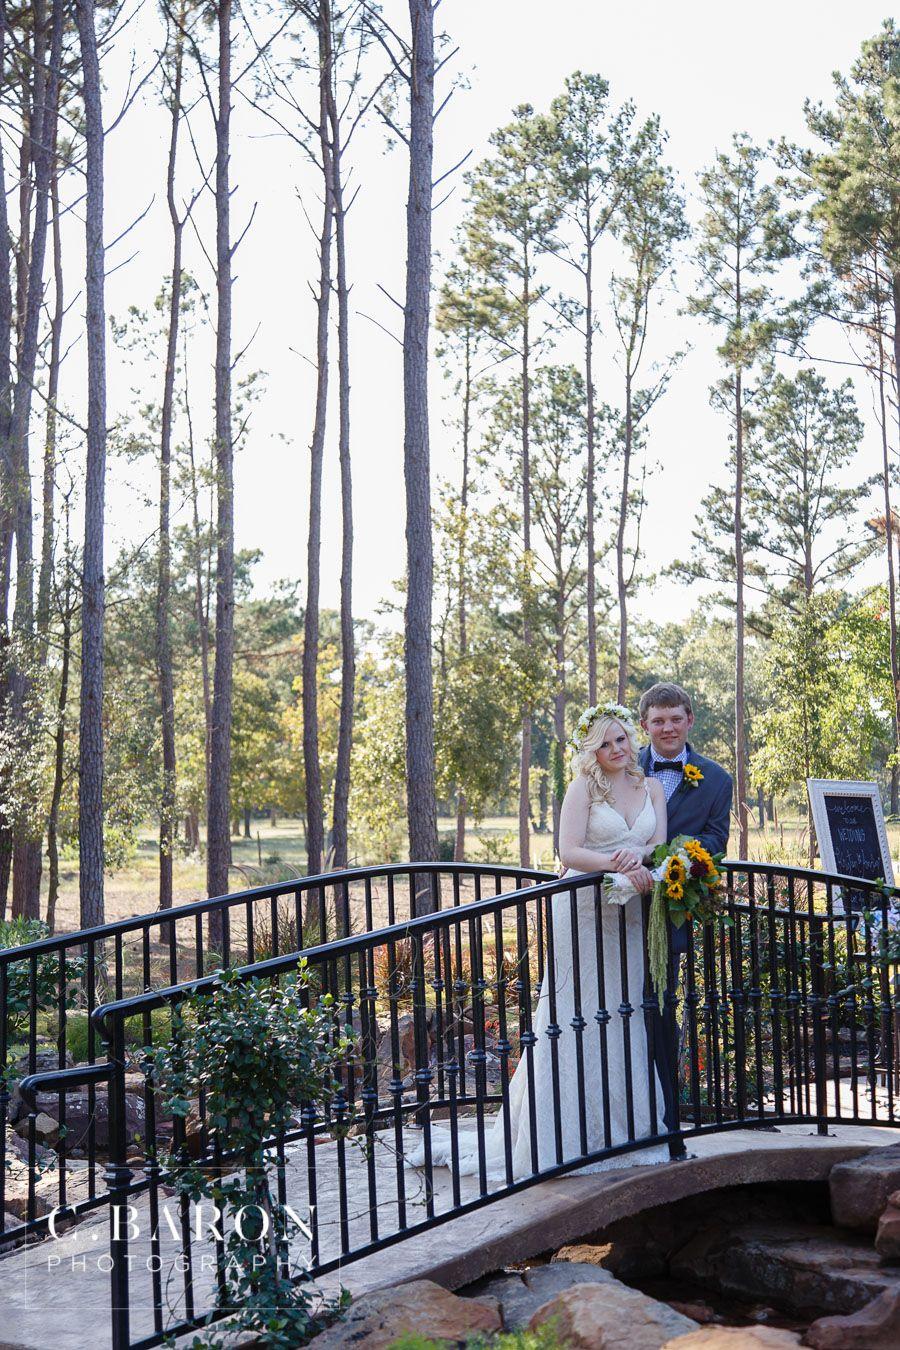 Magnolia Wedding Venue Magnolia wedding, Outdoor wedding